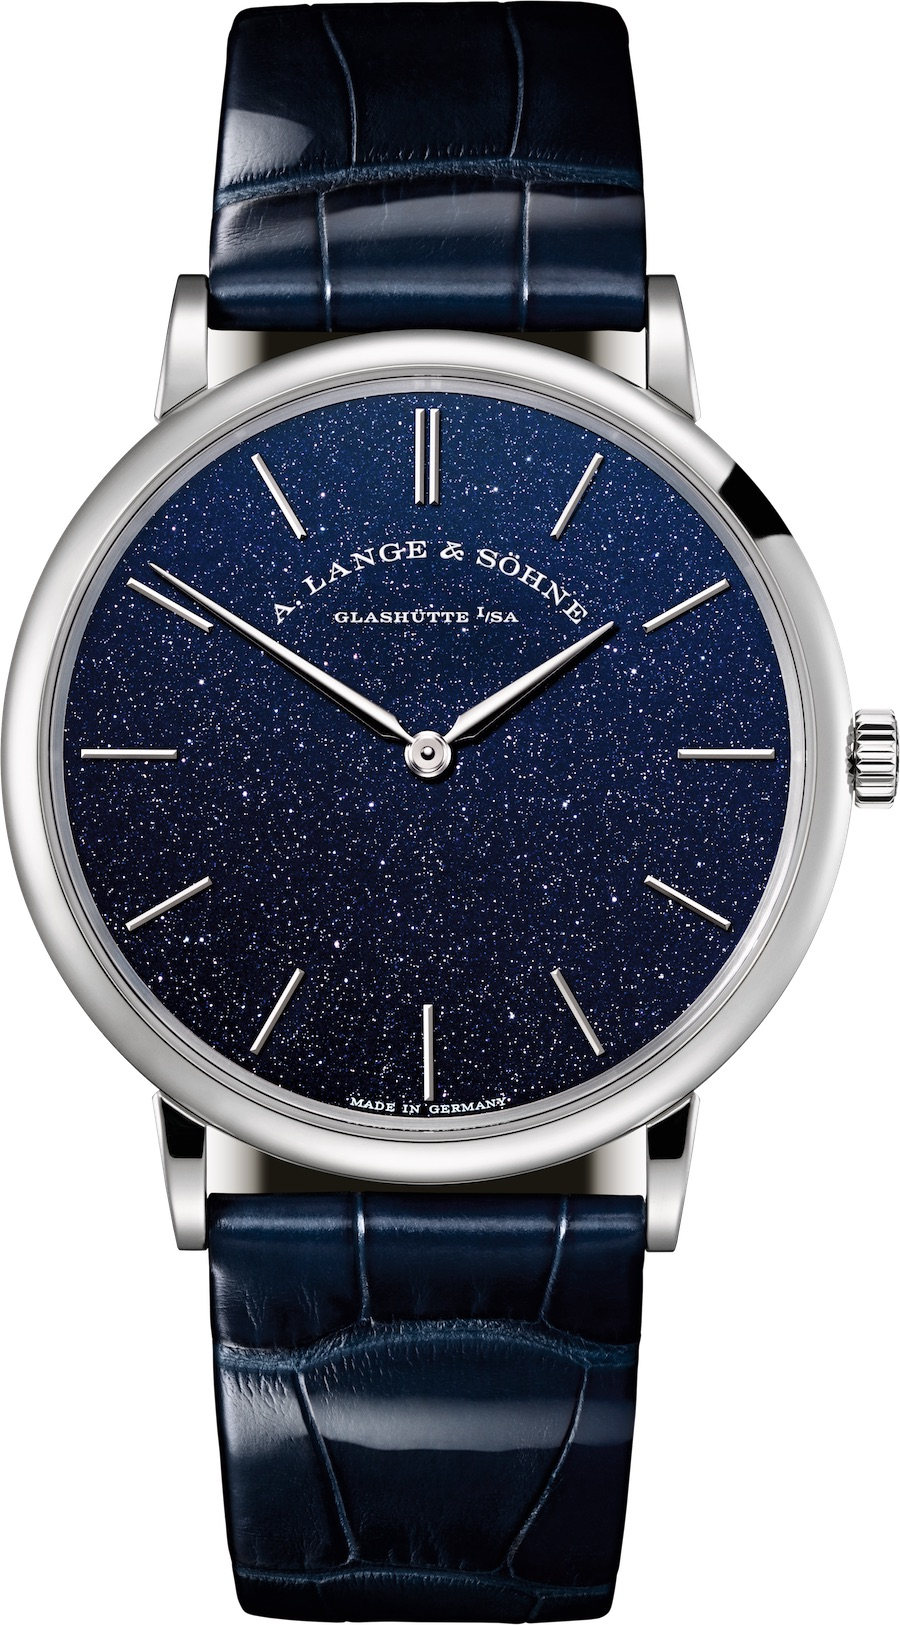 Die A. Lange & Söhne Saxonia Thin Blue besitzt ein dunkelblaues, schimmerndes Zifferblatt.